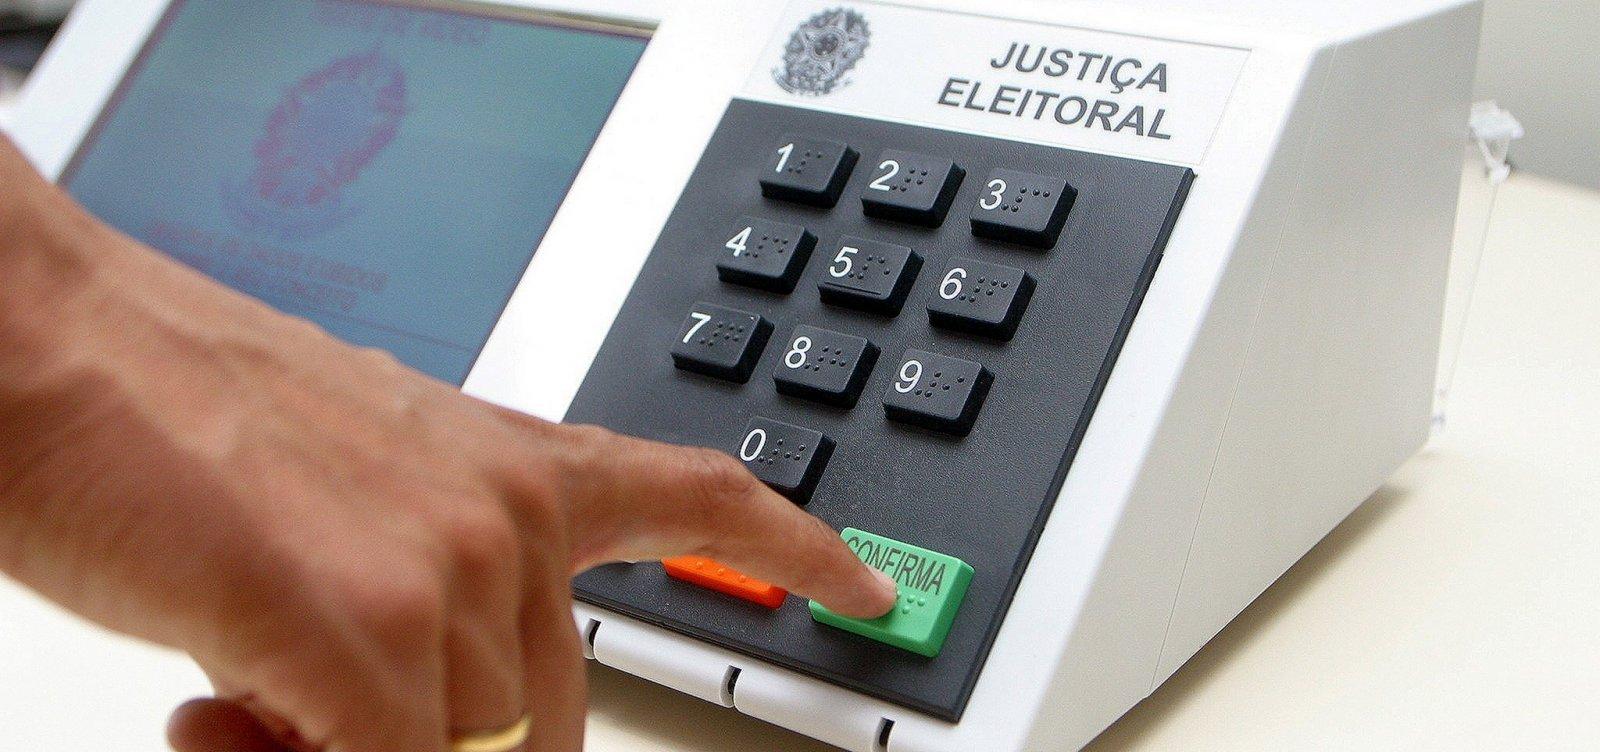 [Presidente de seção eleitoral é presa por fotografar urna em Petrolina, PE]